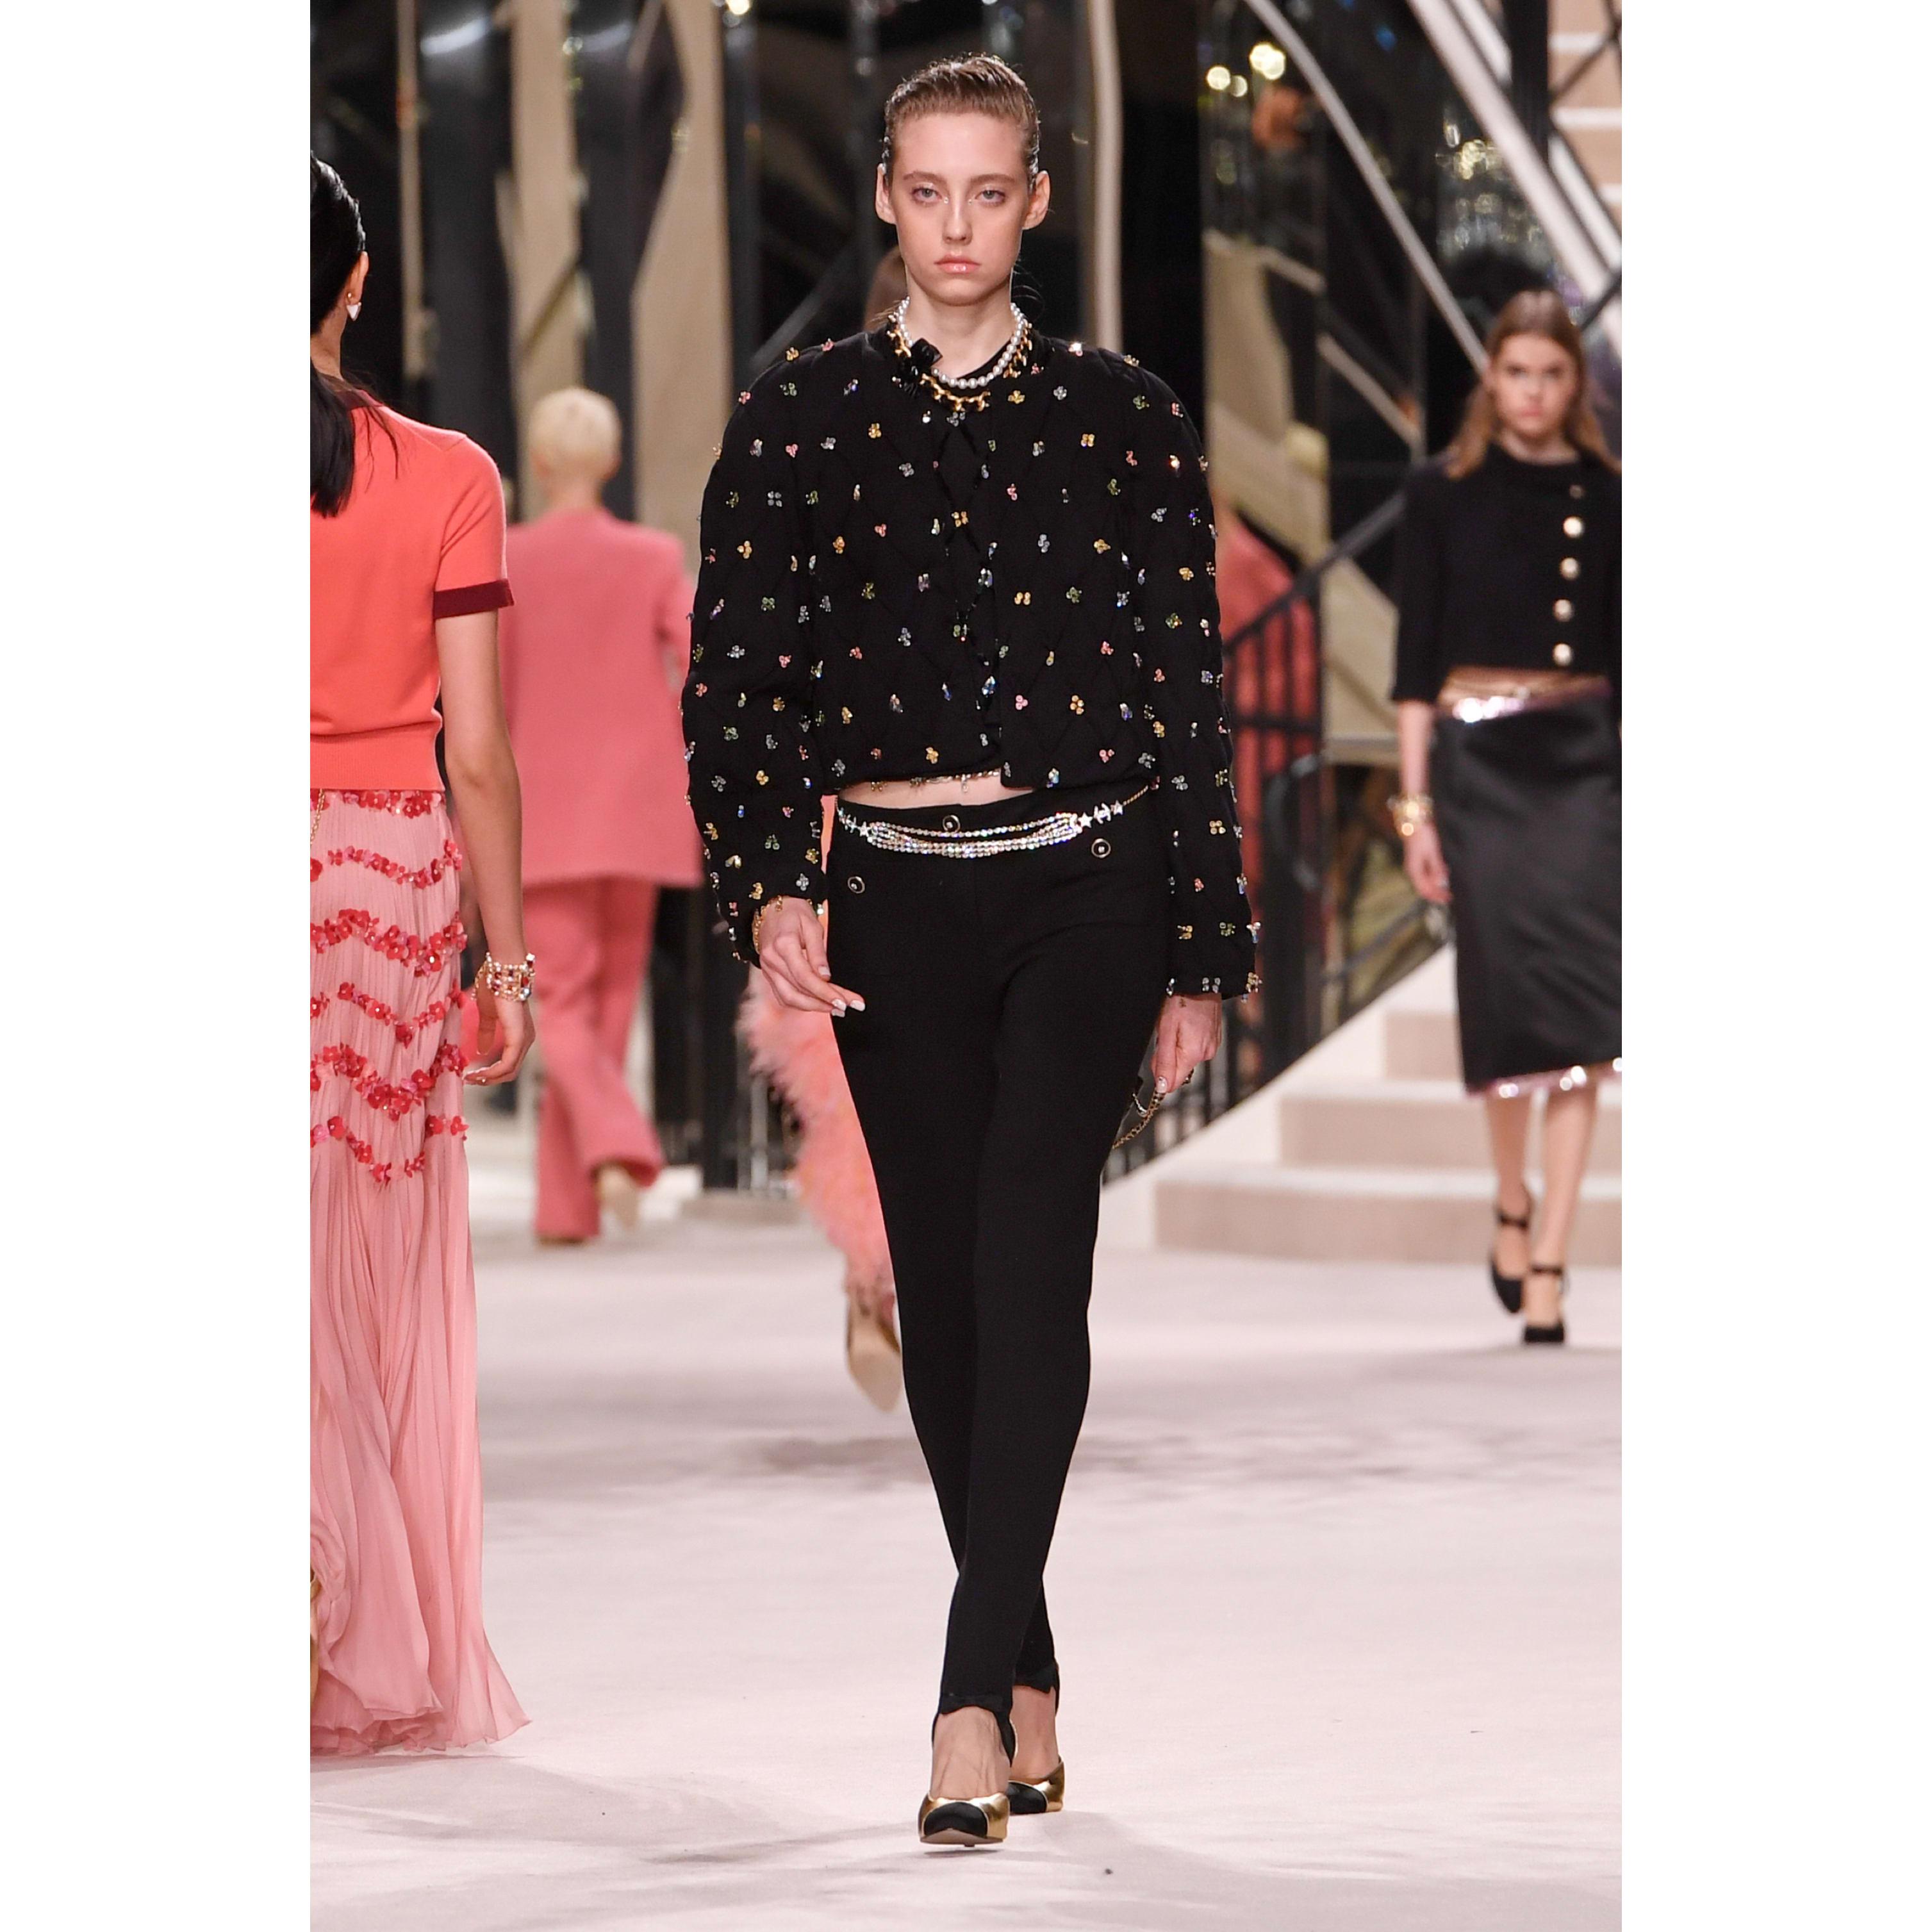 เสื้อแจ็คเก็ตตัวสั้น - สีดำ - ผ้าขนสัตว์ปักประดับ - CHANEL - มุมมองปัจจุบัน - ดูเวอร์ชันขนาดมาตรฐาน